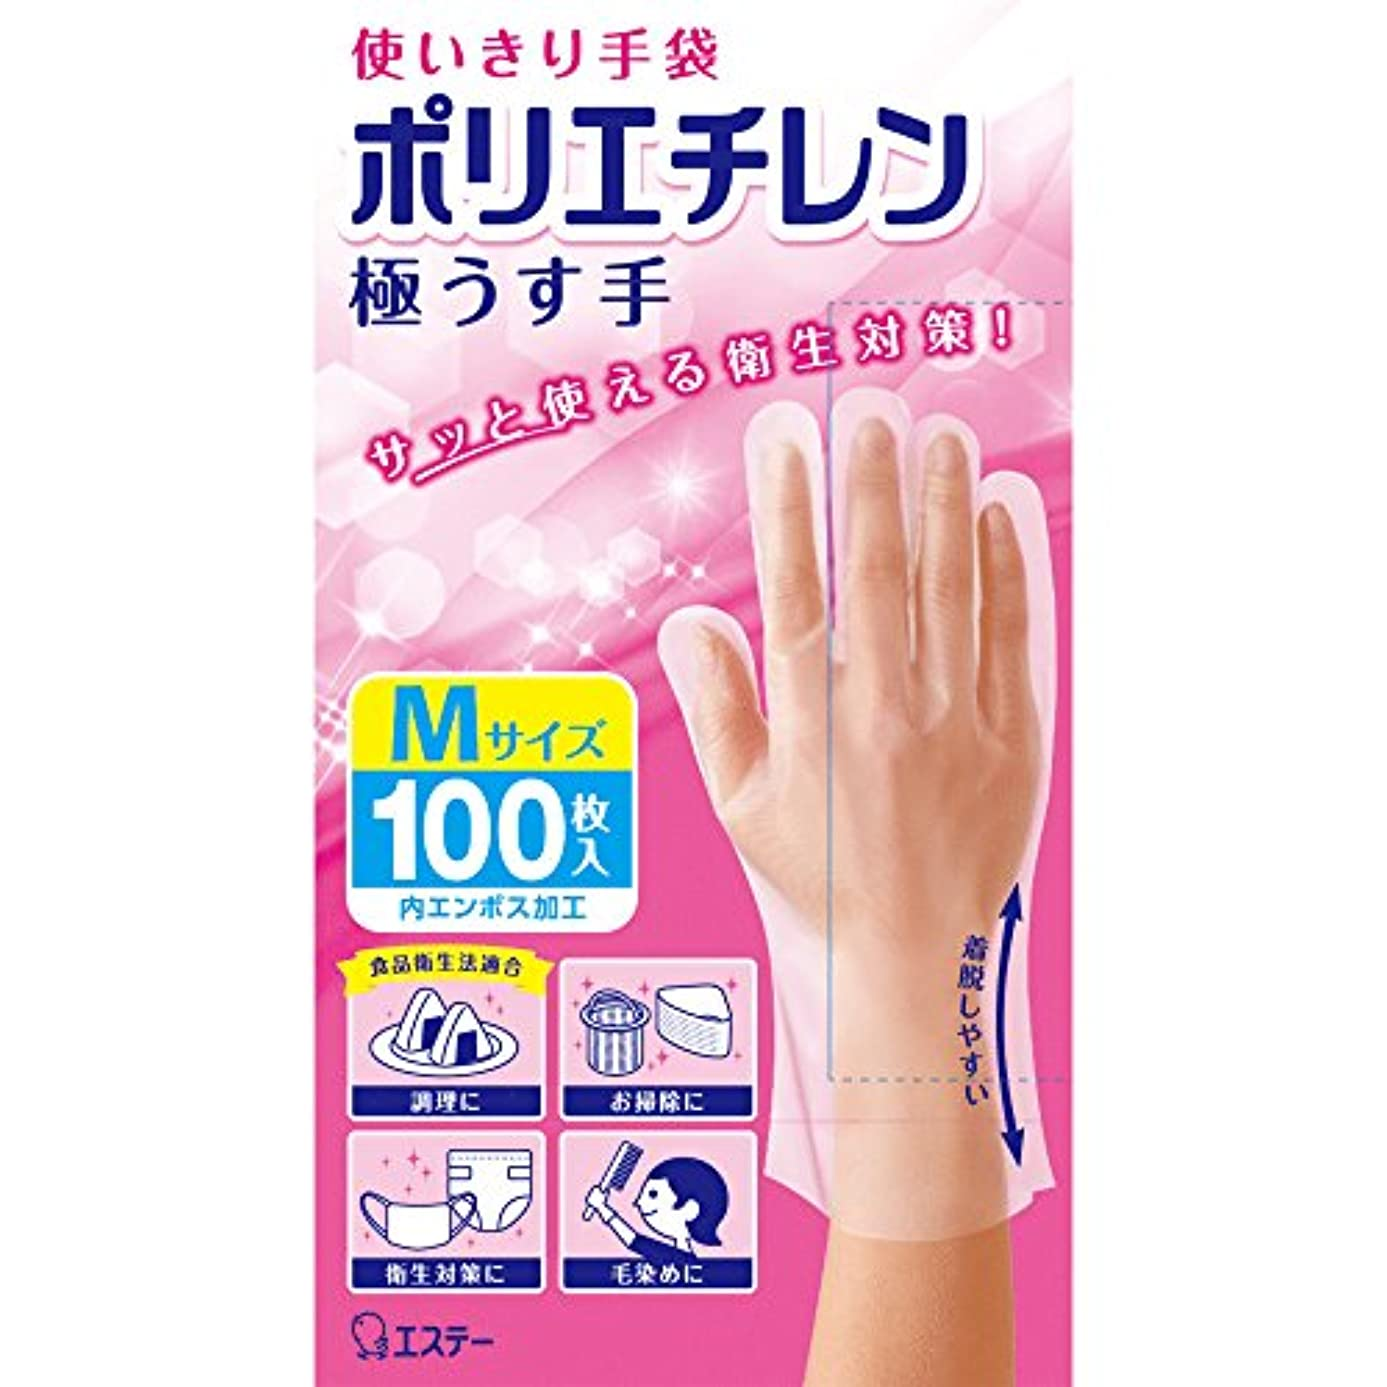 軽ただやる混乱使いきり手袋 ポリエチレン 極うす手 Mサイズ 半透明 100枚 使い捨て 食品衛生法適合